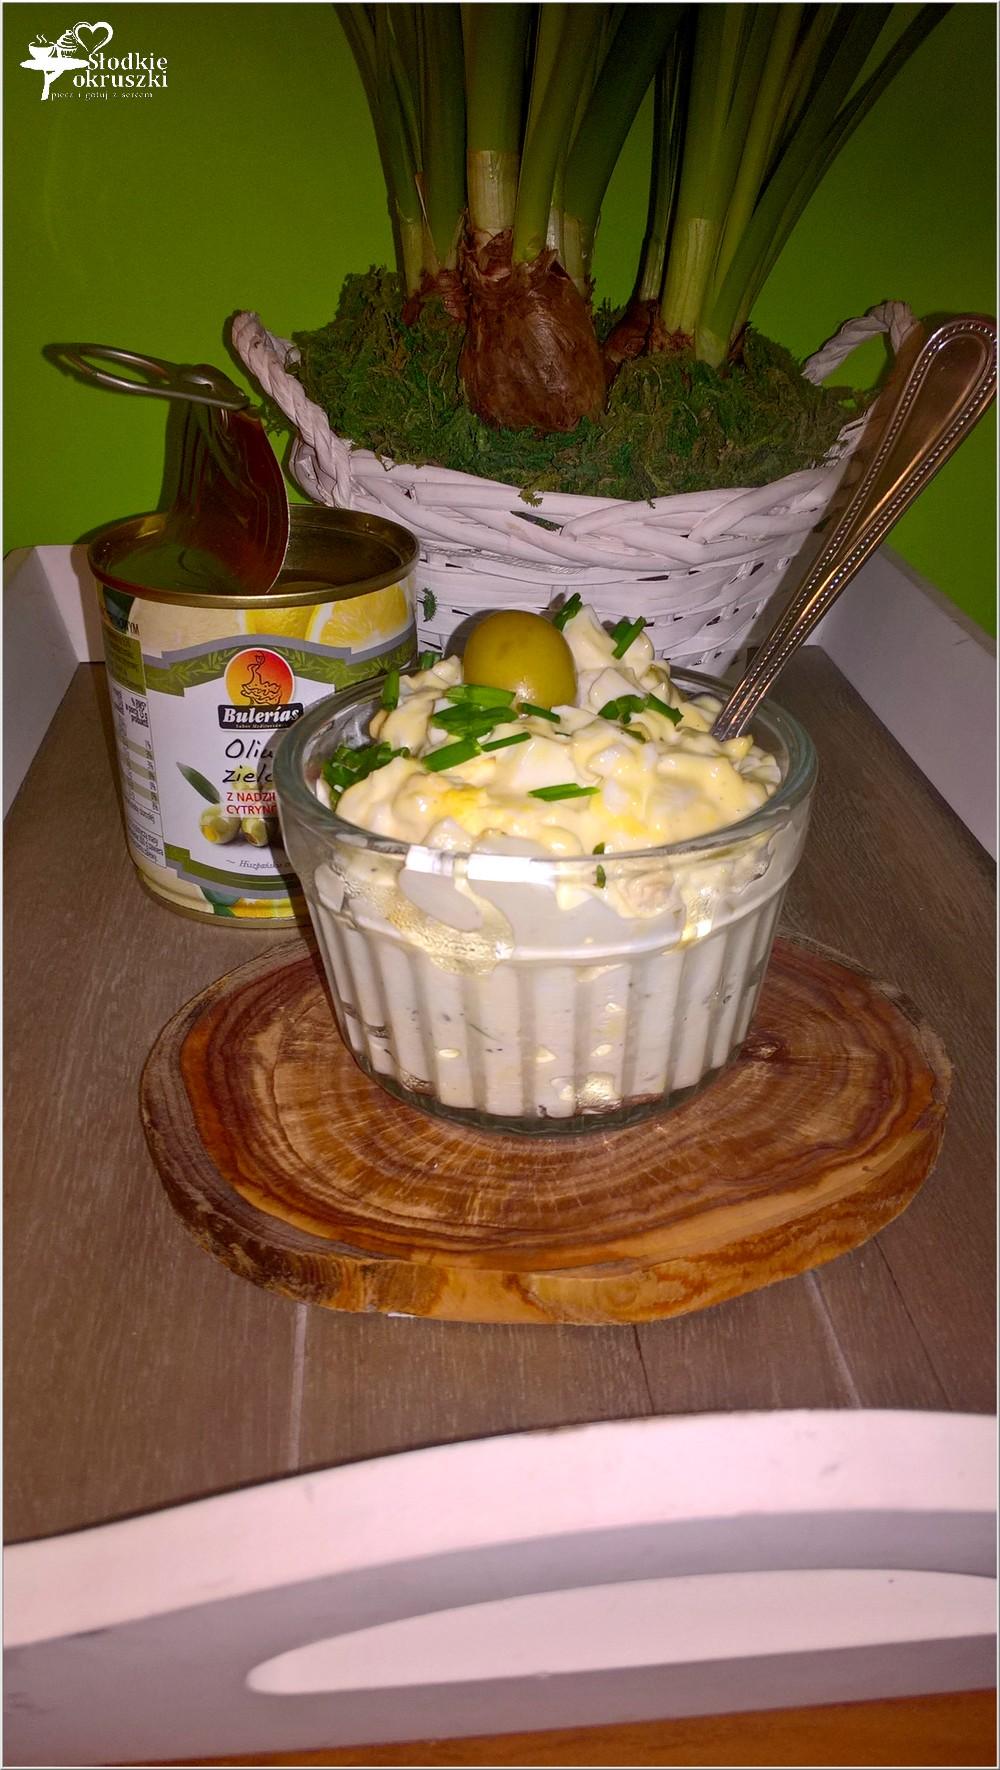 Pasta kanapkowa z oliwkami (3)